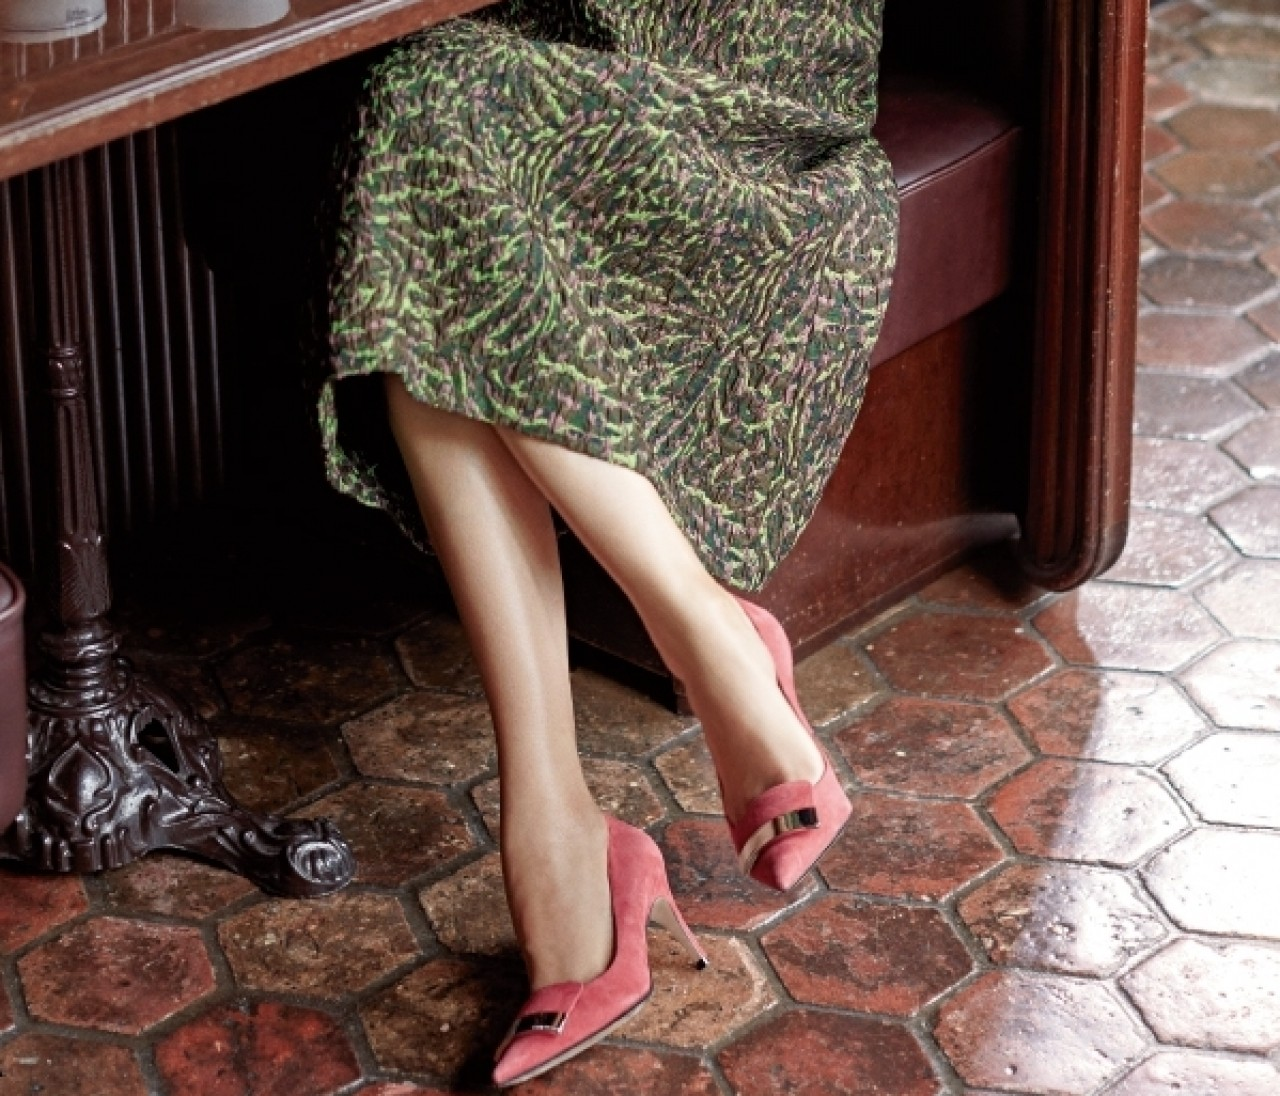 靴作りの名手「セルジオ ロッシ」の靴で気負わない女らしさを